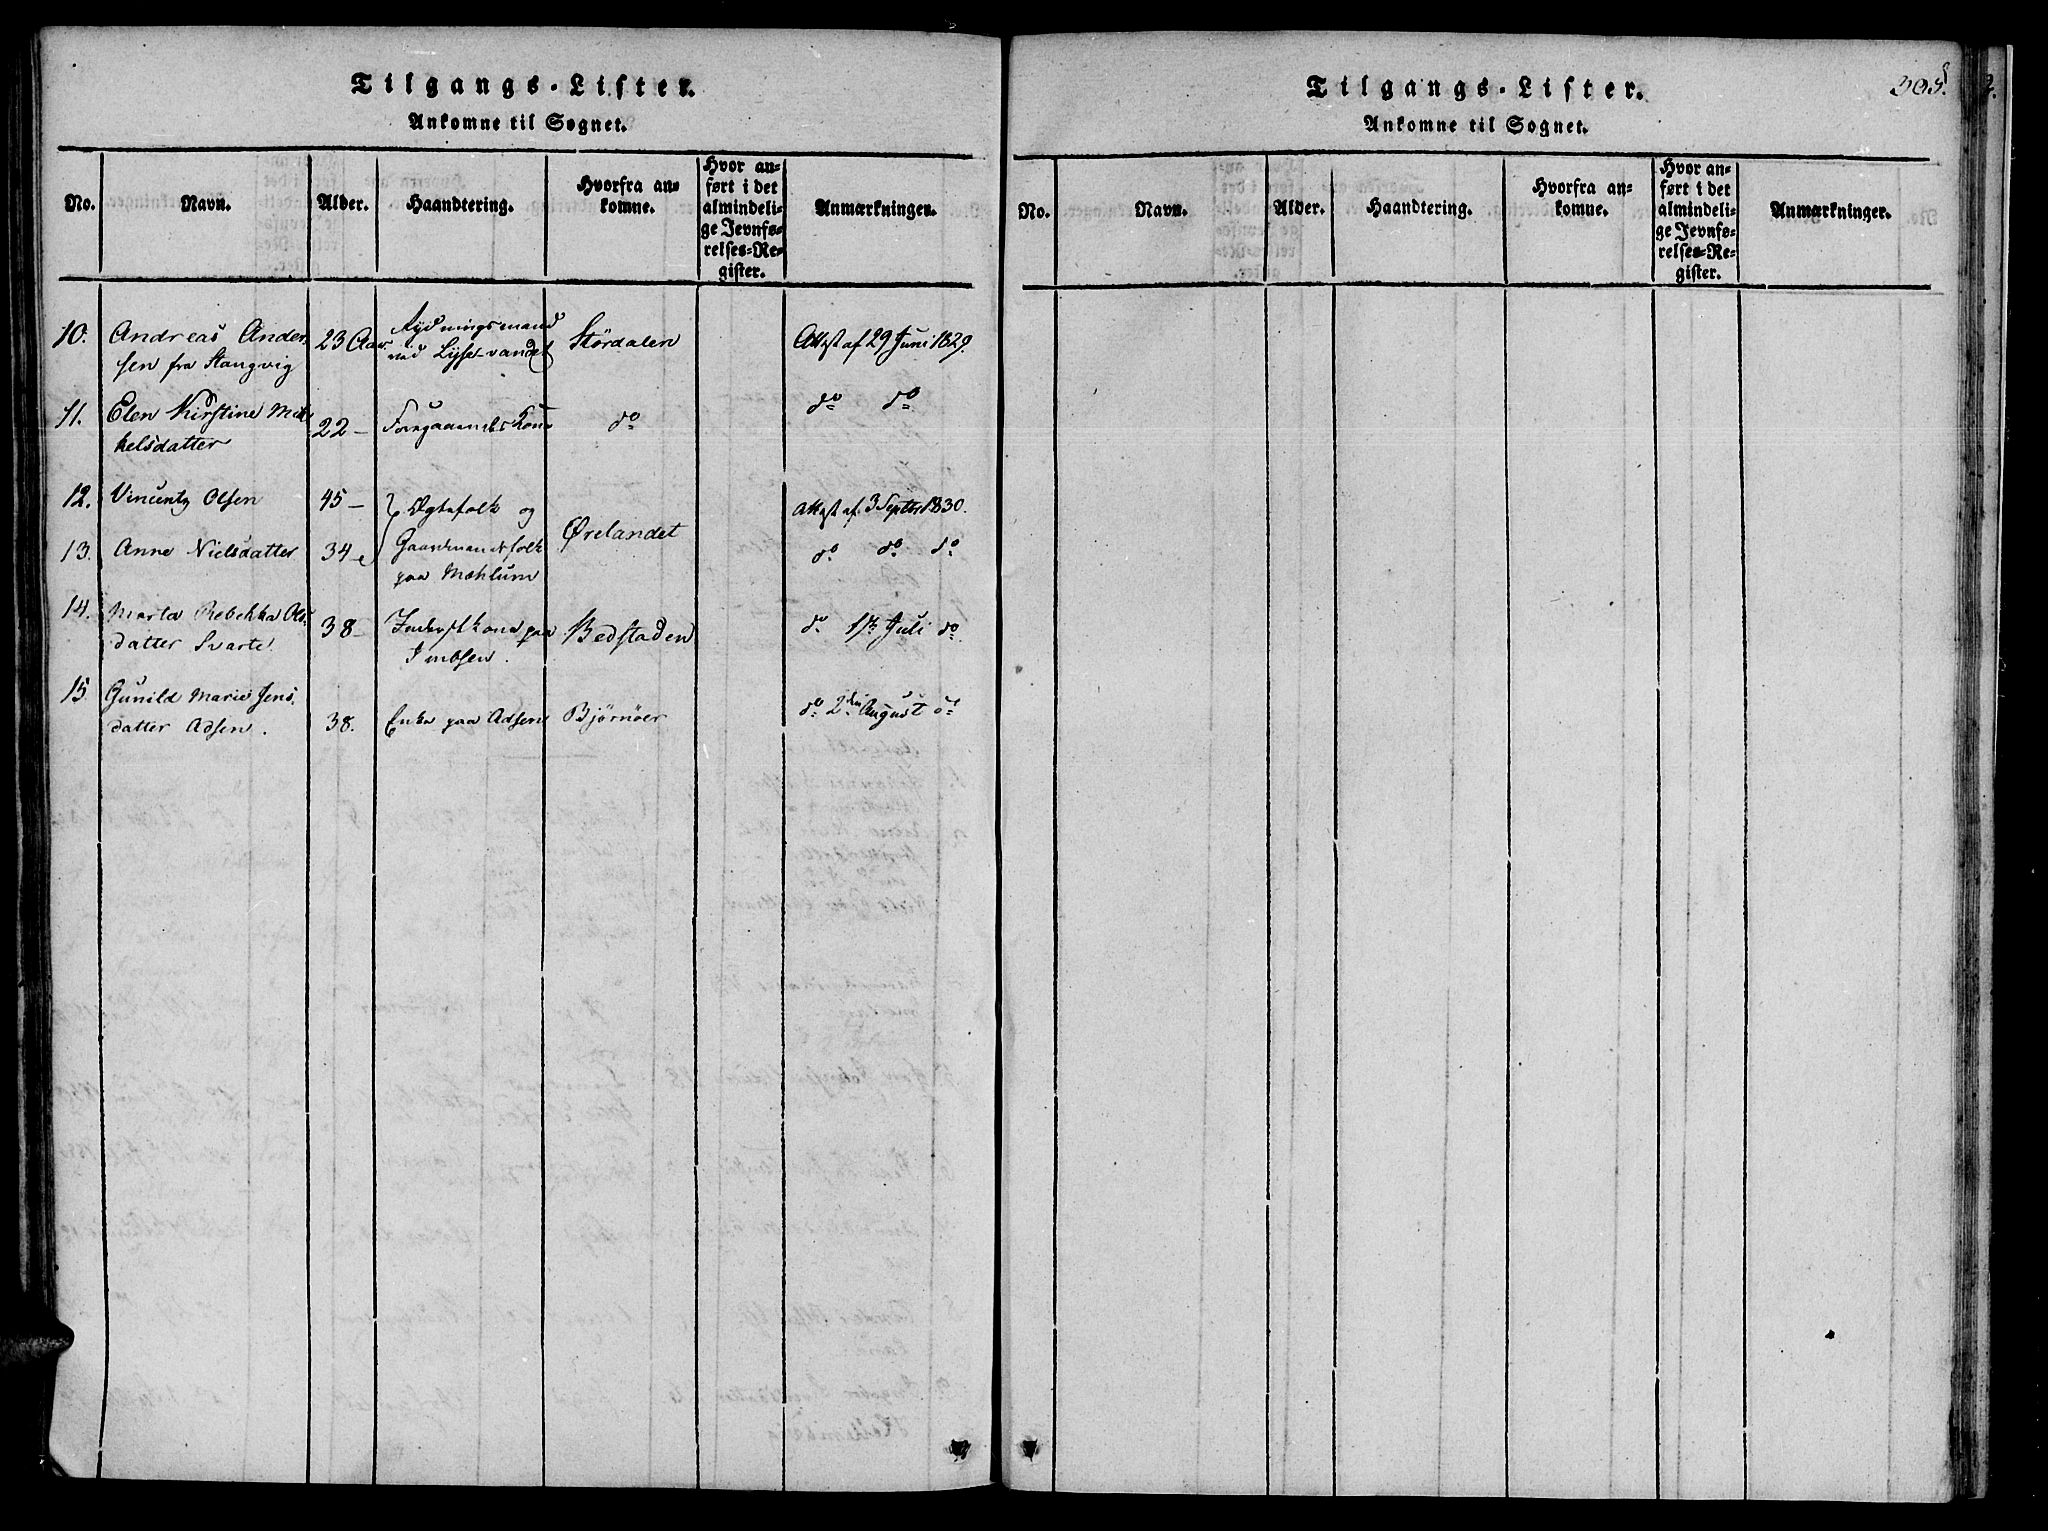 SAT, Ministerialprotokoller, klokkerbøker og fødselsregistre - Sør-Trøndelag, 655/L0675: Ministerialbok nr. 655A04, 1818-1830, s. 301